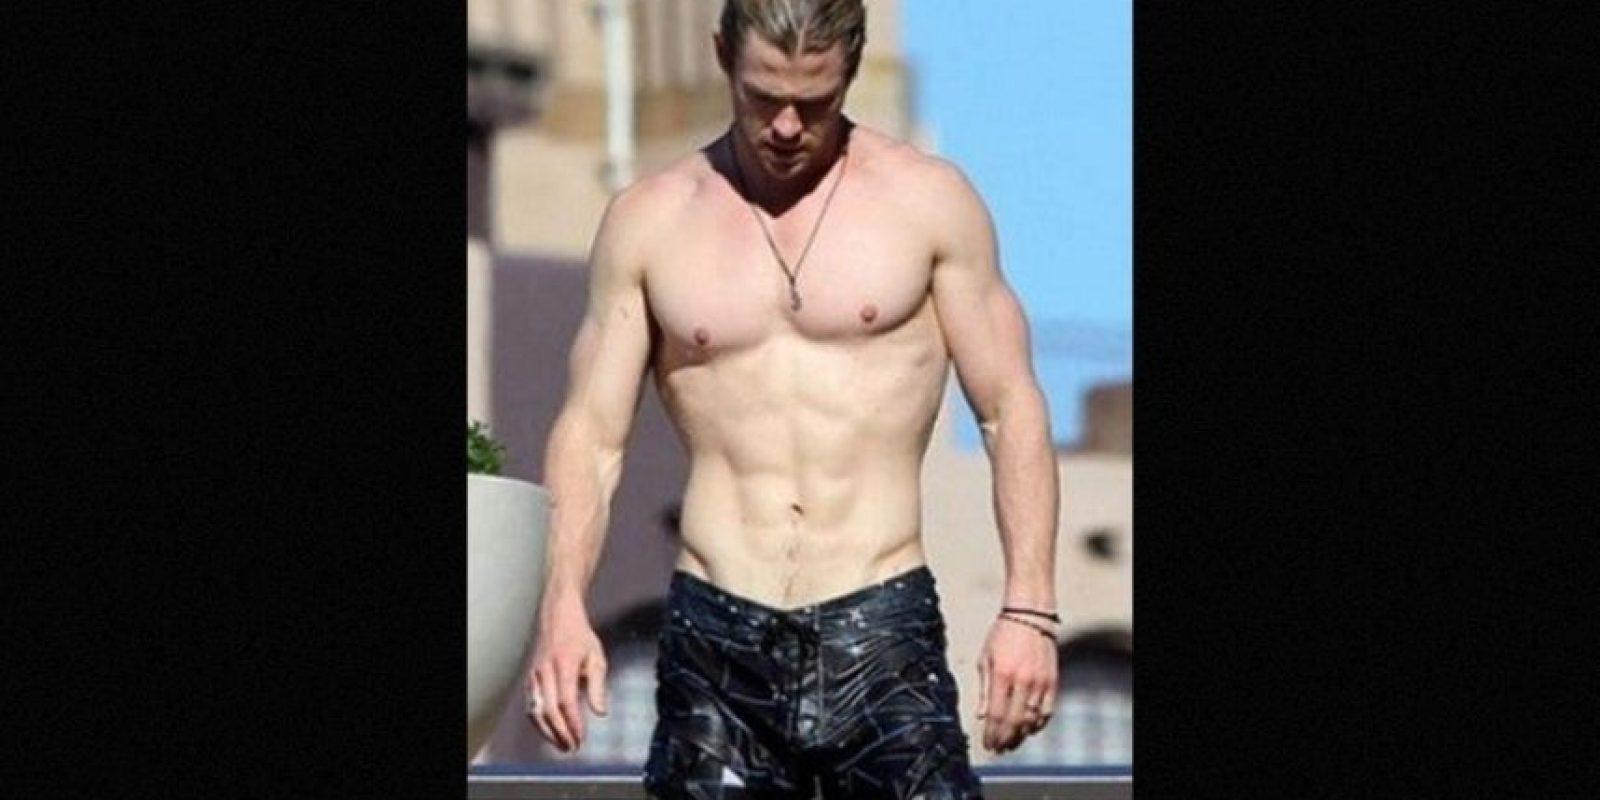 """6. Ganó 9 kilos de músculos para encarnar a """"Thor"""", un objetivo que logró con una estricta rutina de ejercicios y dieta. Foto:Grosby Group"""